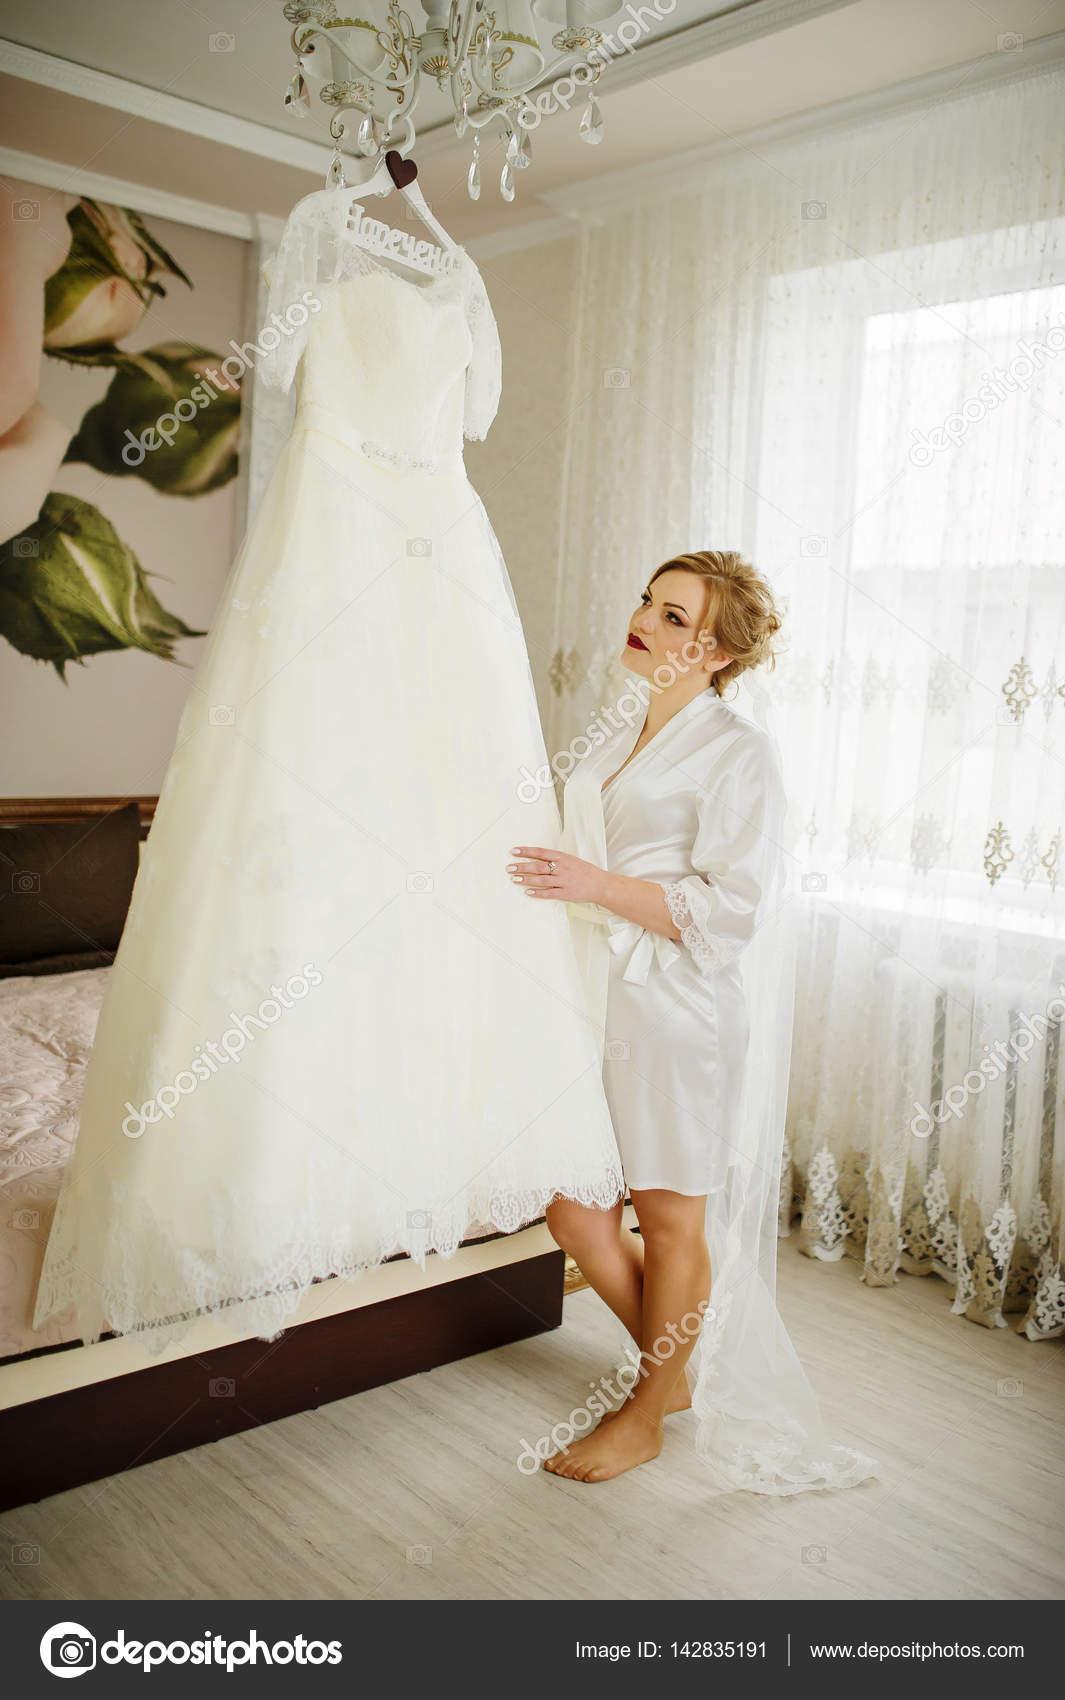 Blonde Braut im Brautkleid in ihrem Zimmer betrachten Bademantel ...